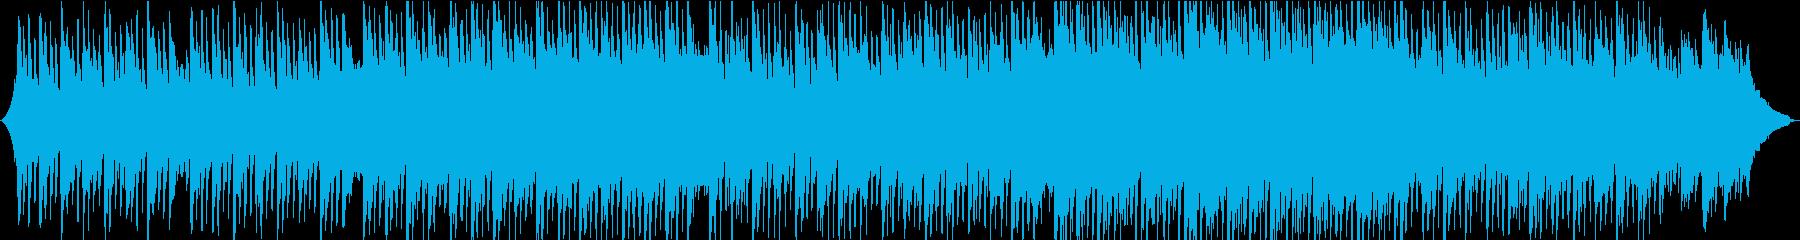 明るく、前向き、ポジティブなコーポレートの再生済みの波形